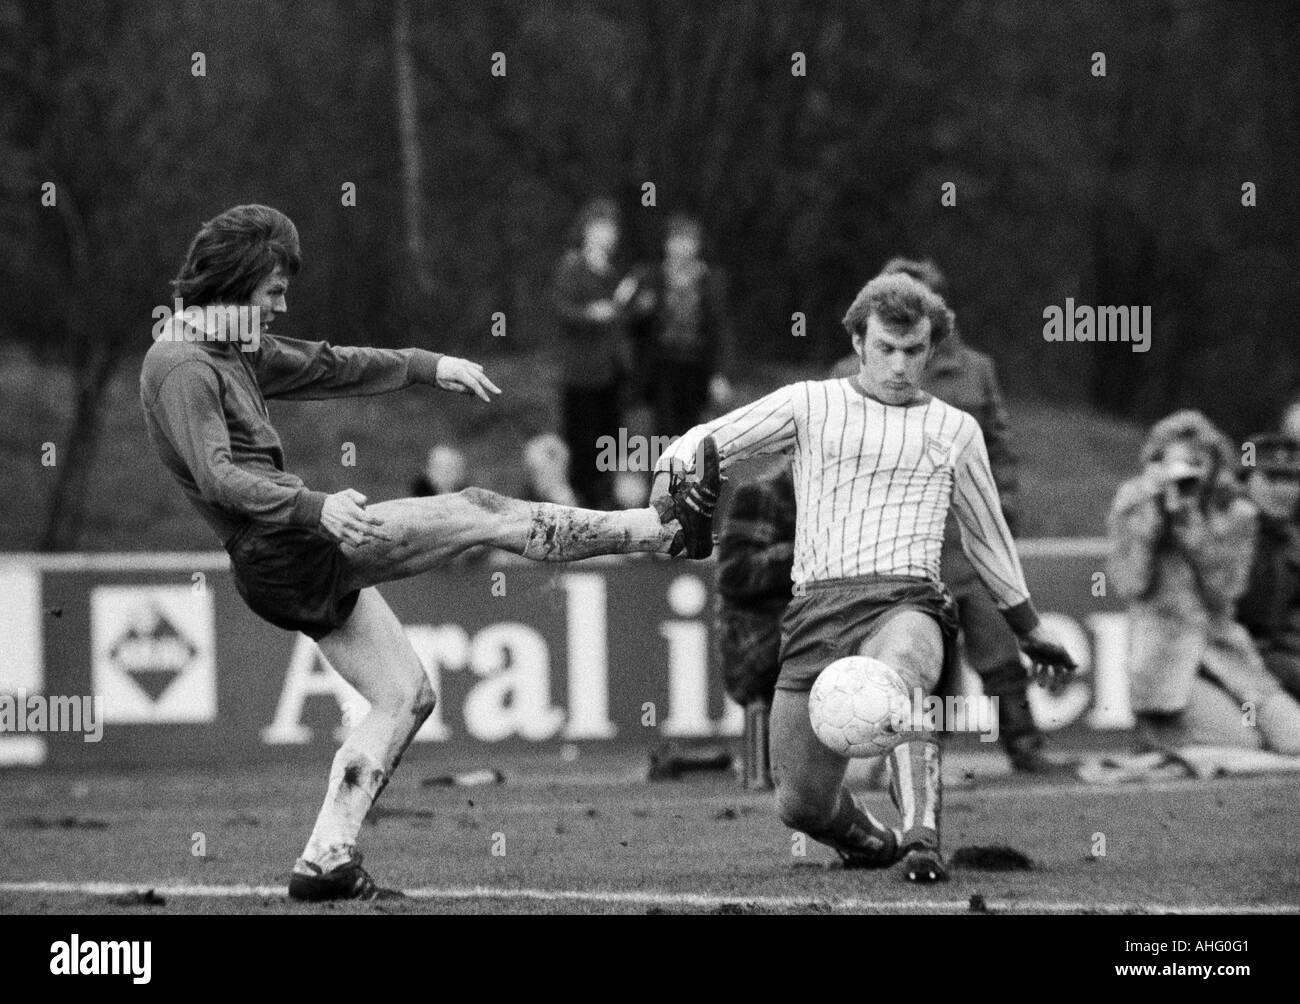 football, Regionalliga West, 1973/1974, Lohrheide Stadium in Bochum-Wattenscheid, SG Wattenscheid 09 versus Sportfreunde Siegen 4:2, scene of the match, duel between Ewald Hammes (09) left and Reinhold Matthes (Siegen) - Stock Image